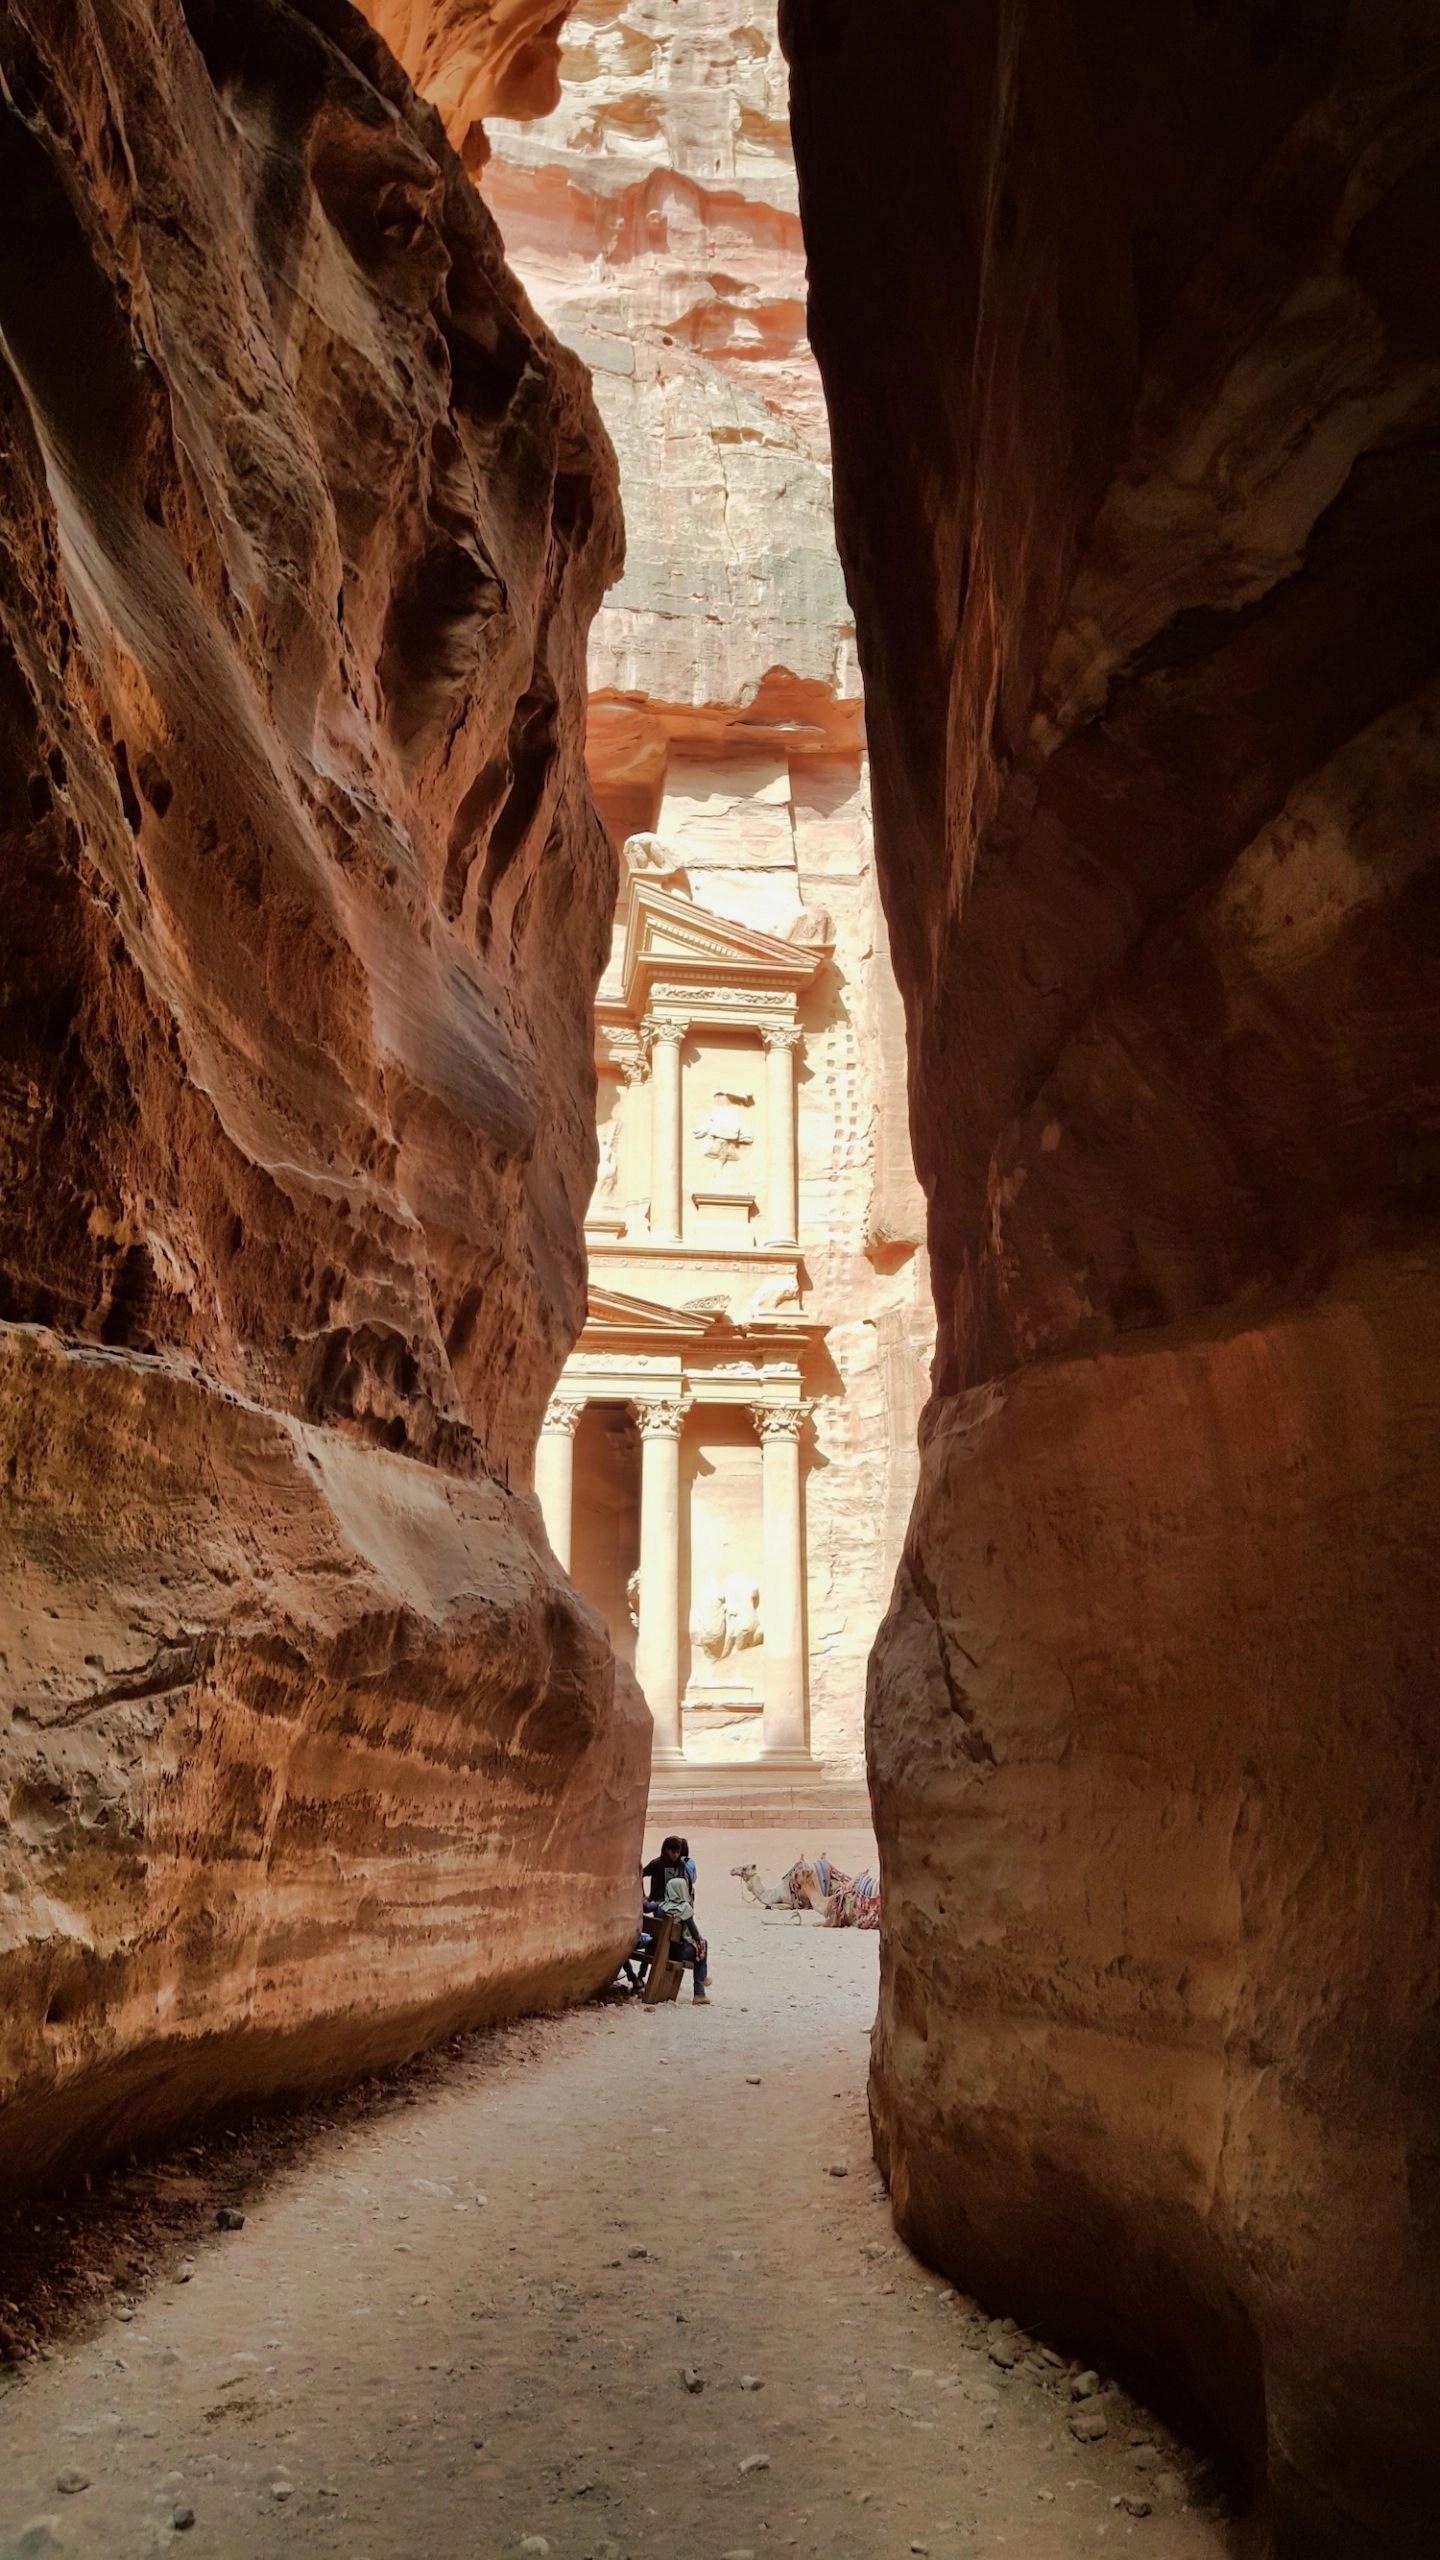 10 Days in Jordan - Petra Treasury